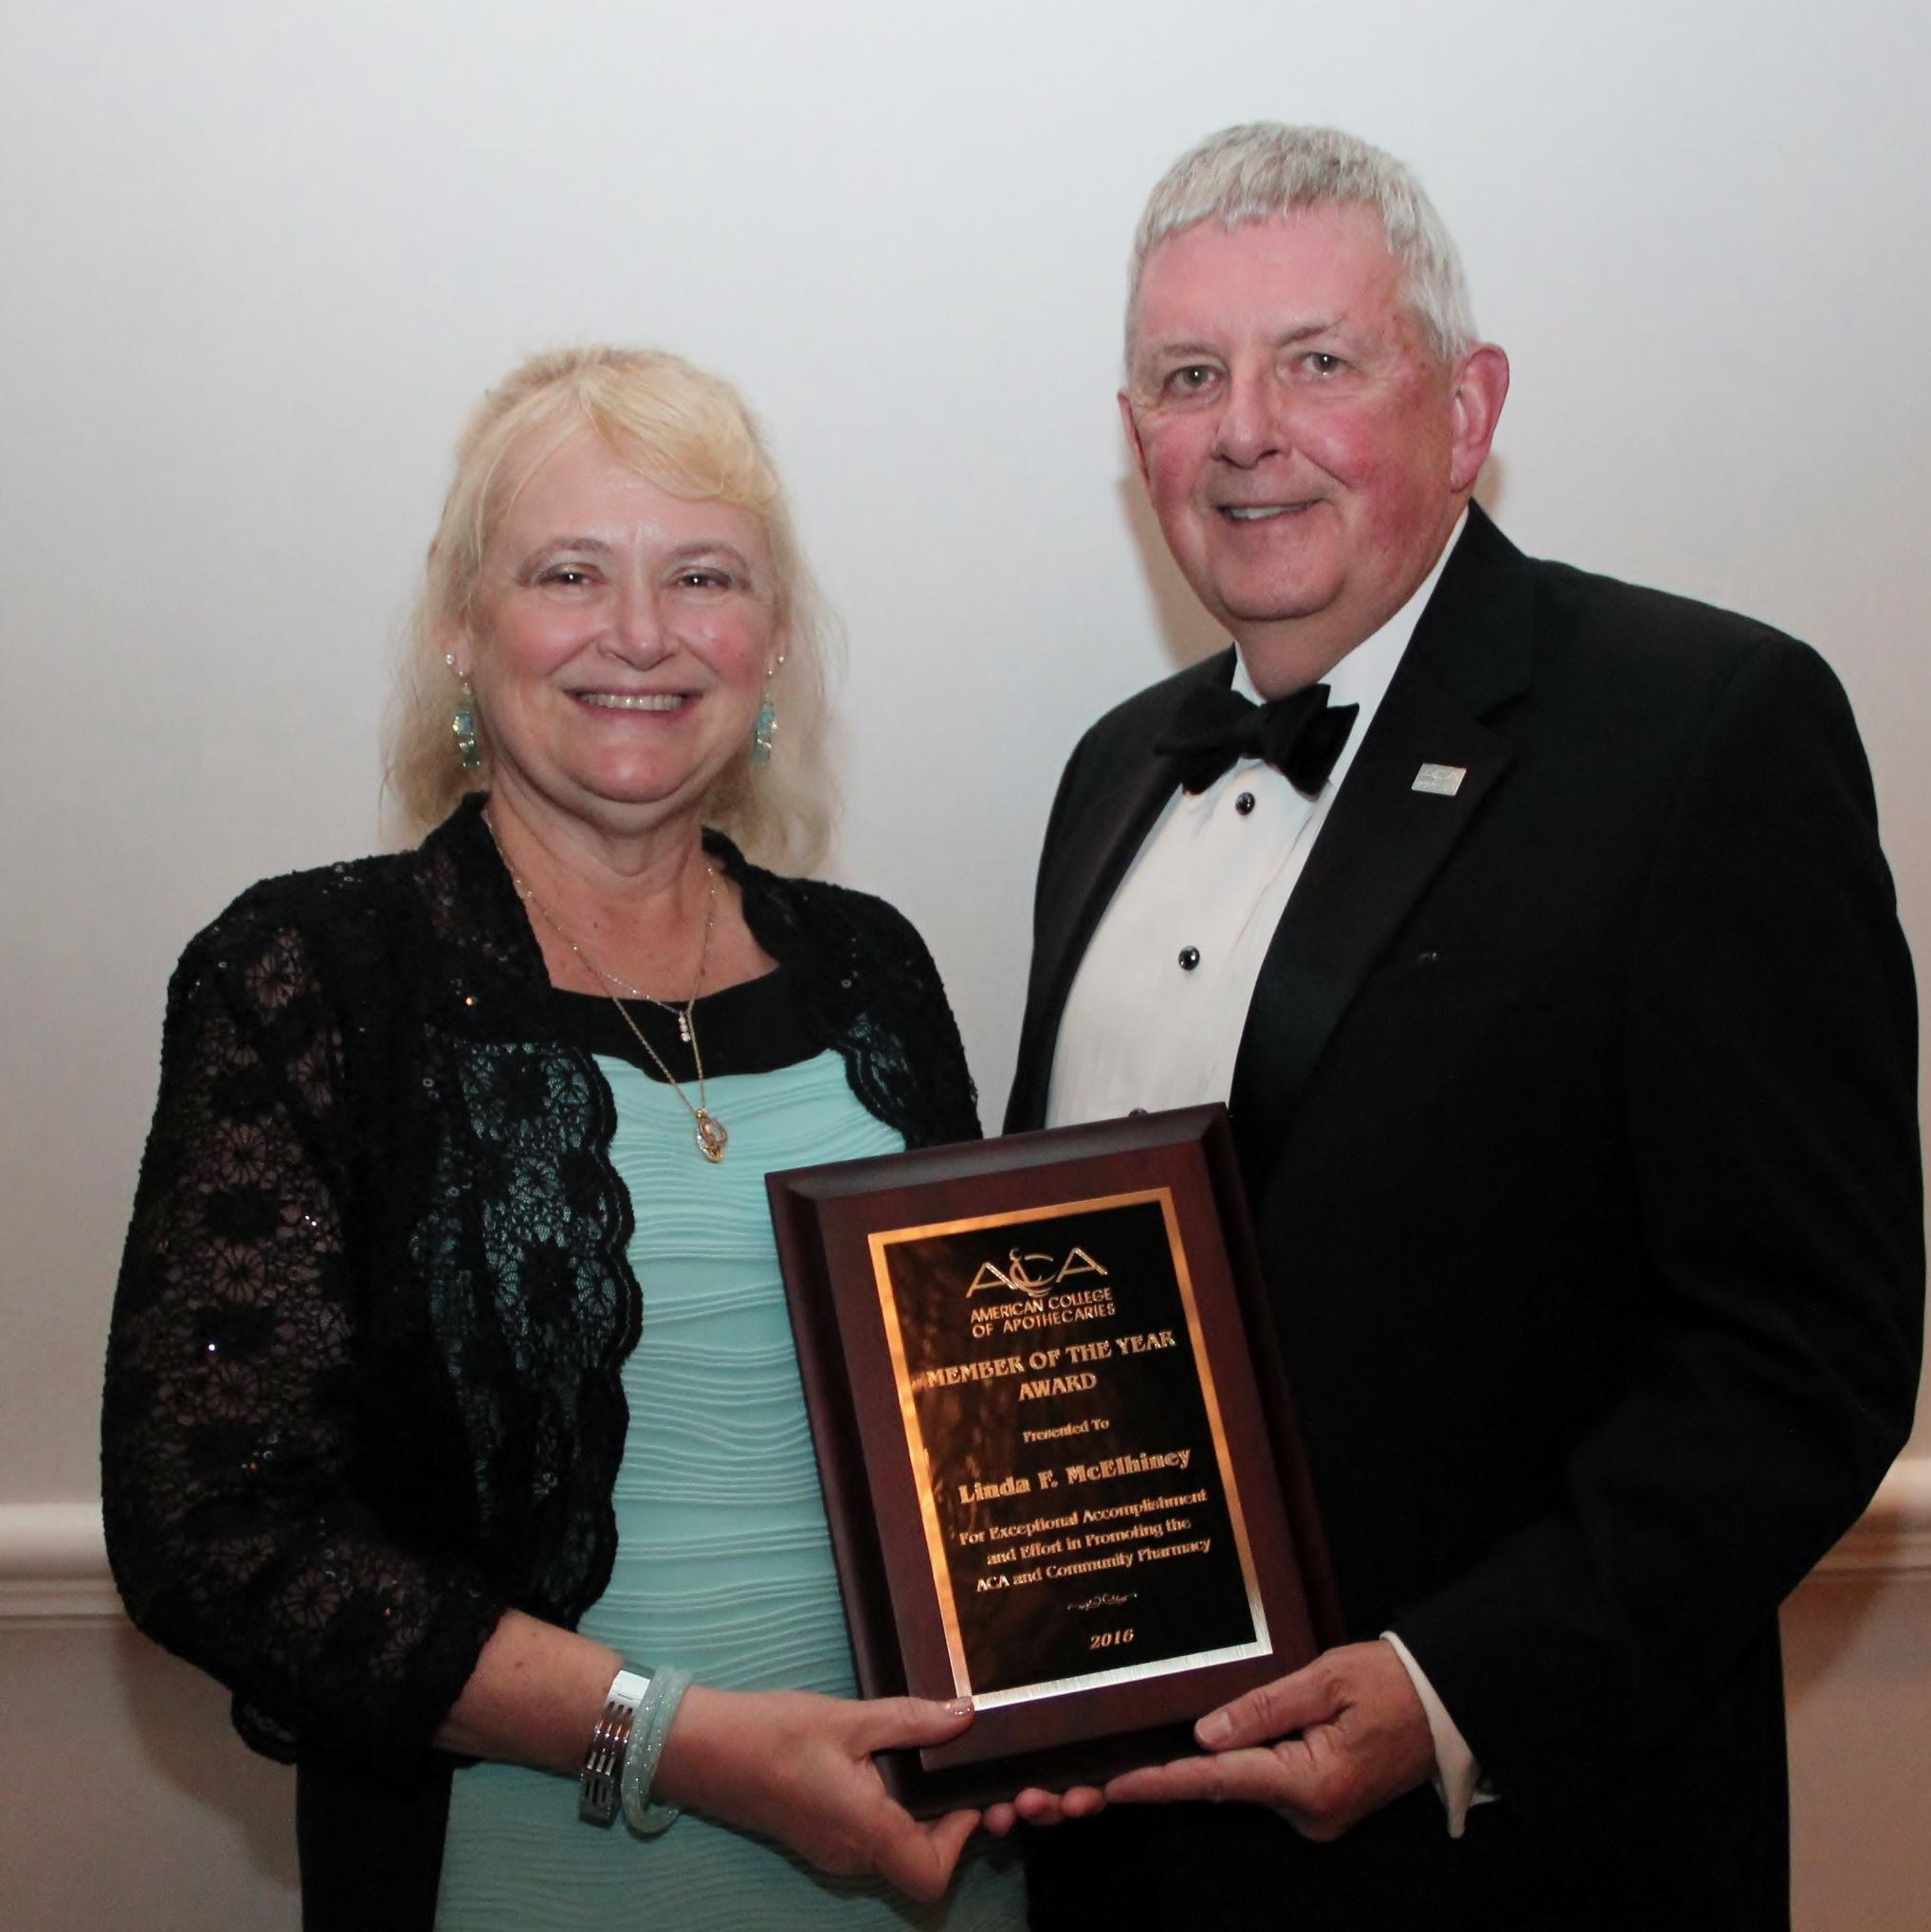 2015 ACA Member of the Year Linda McElhiney